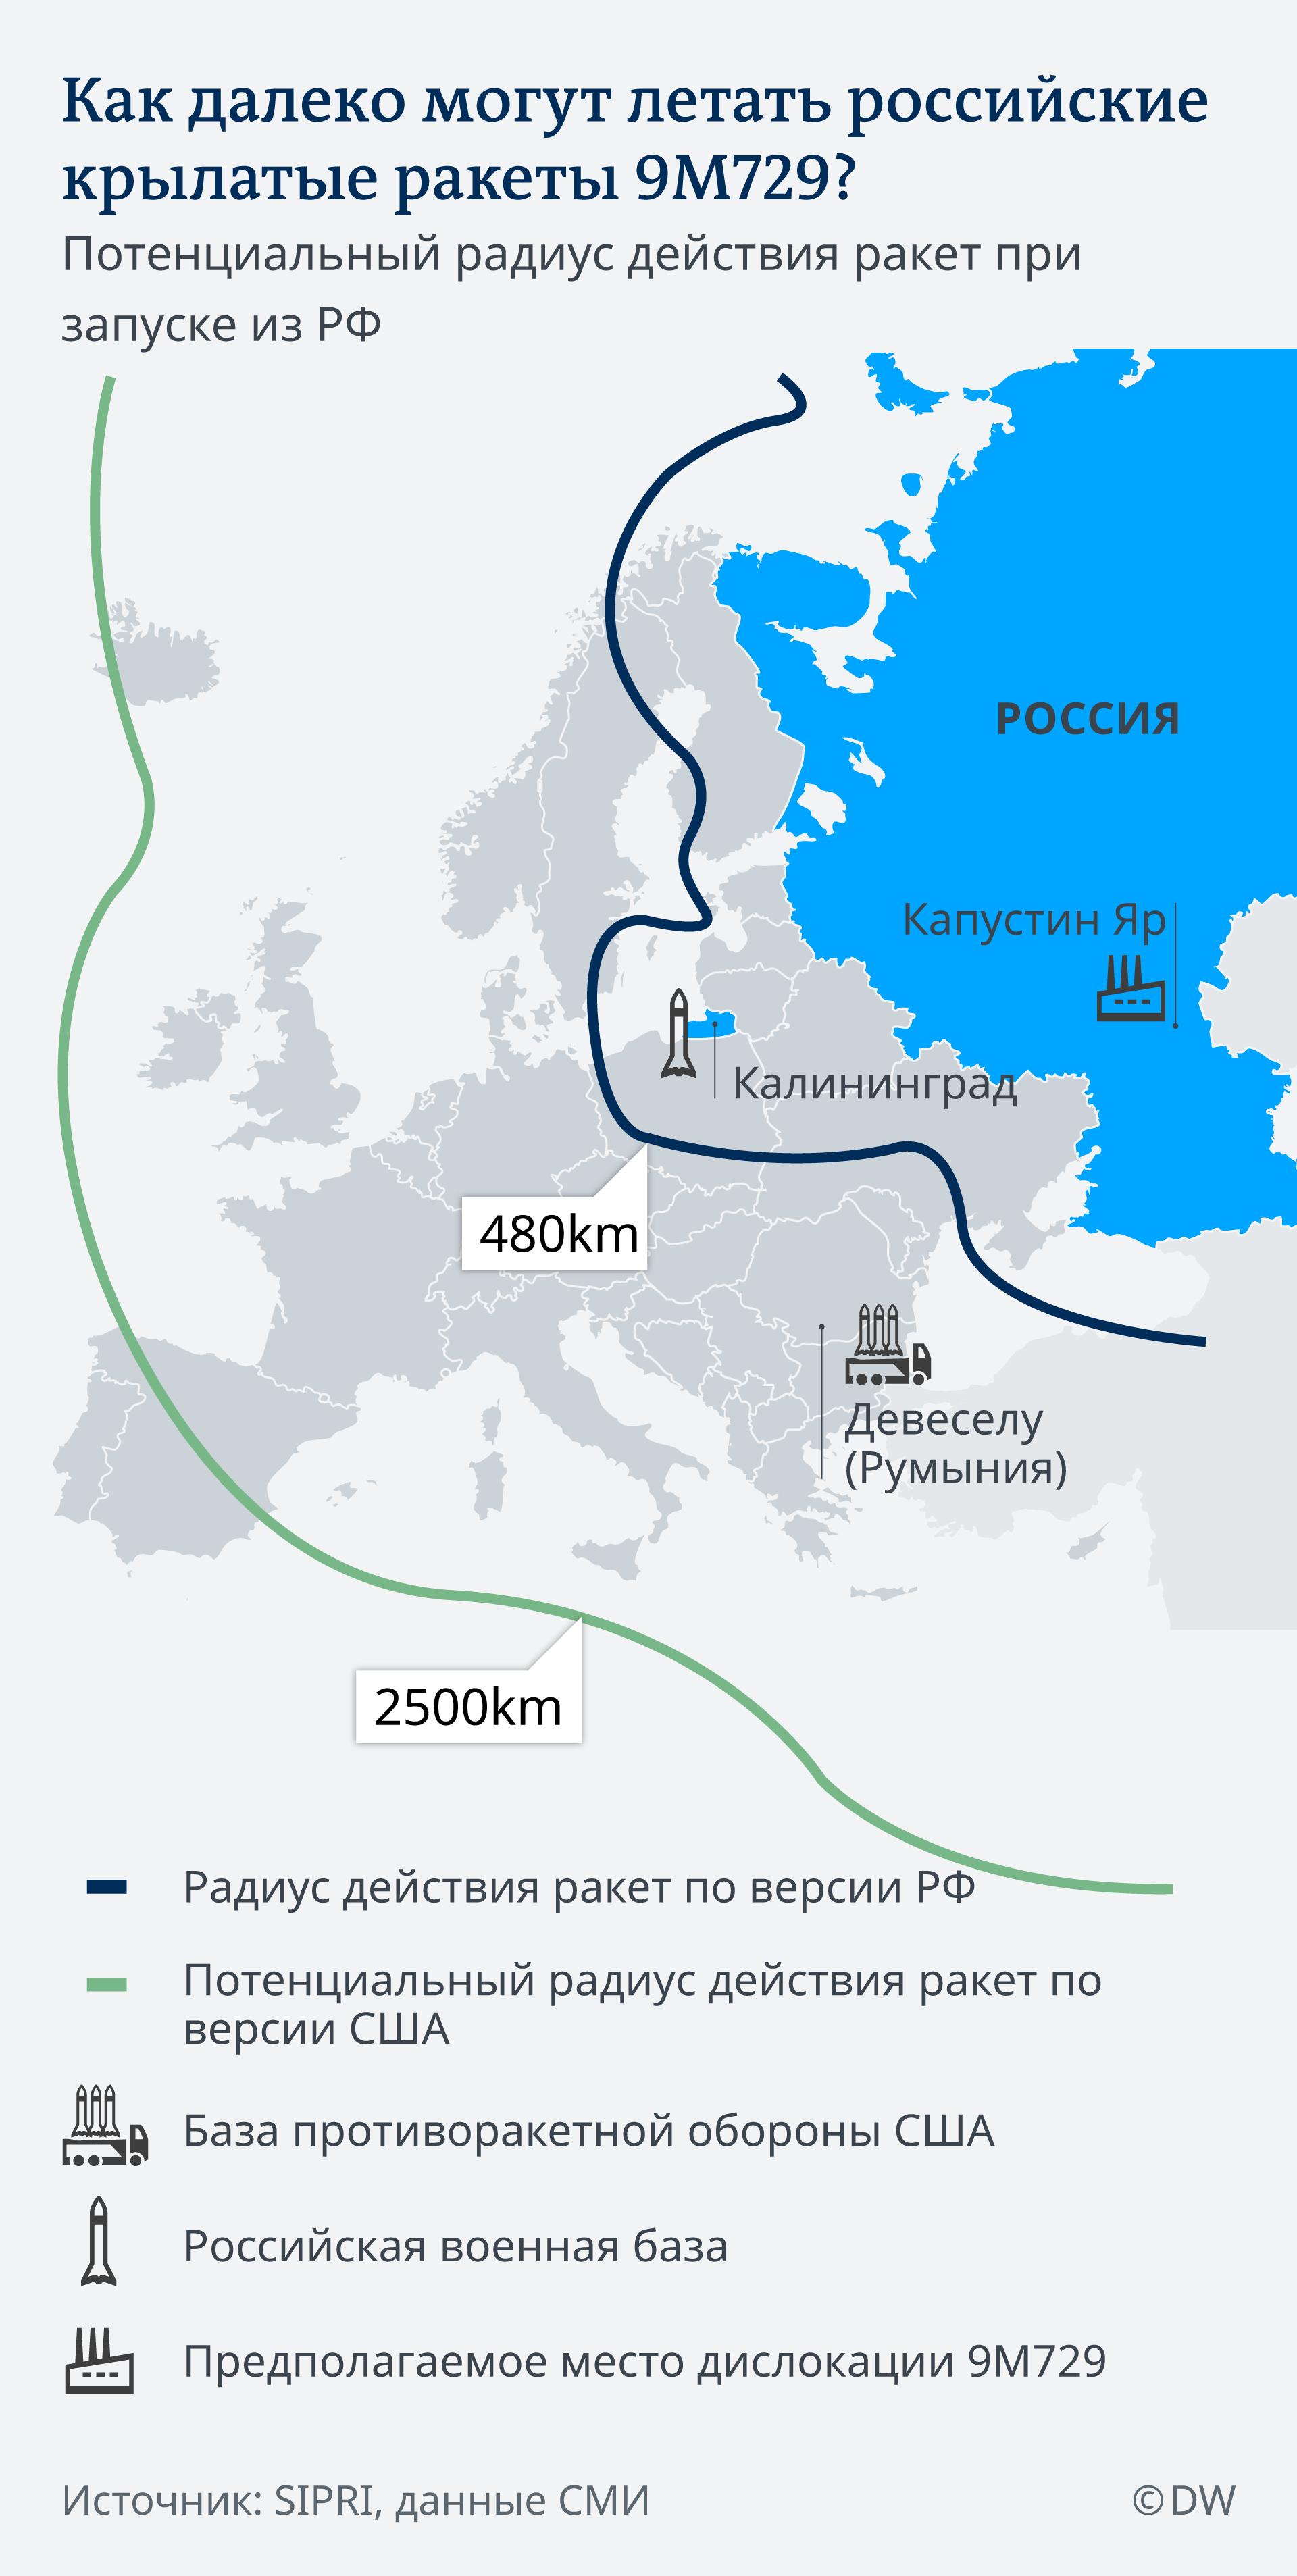 Инфографика: радиус действия российской крылатой ракеты SSC-8